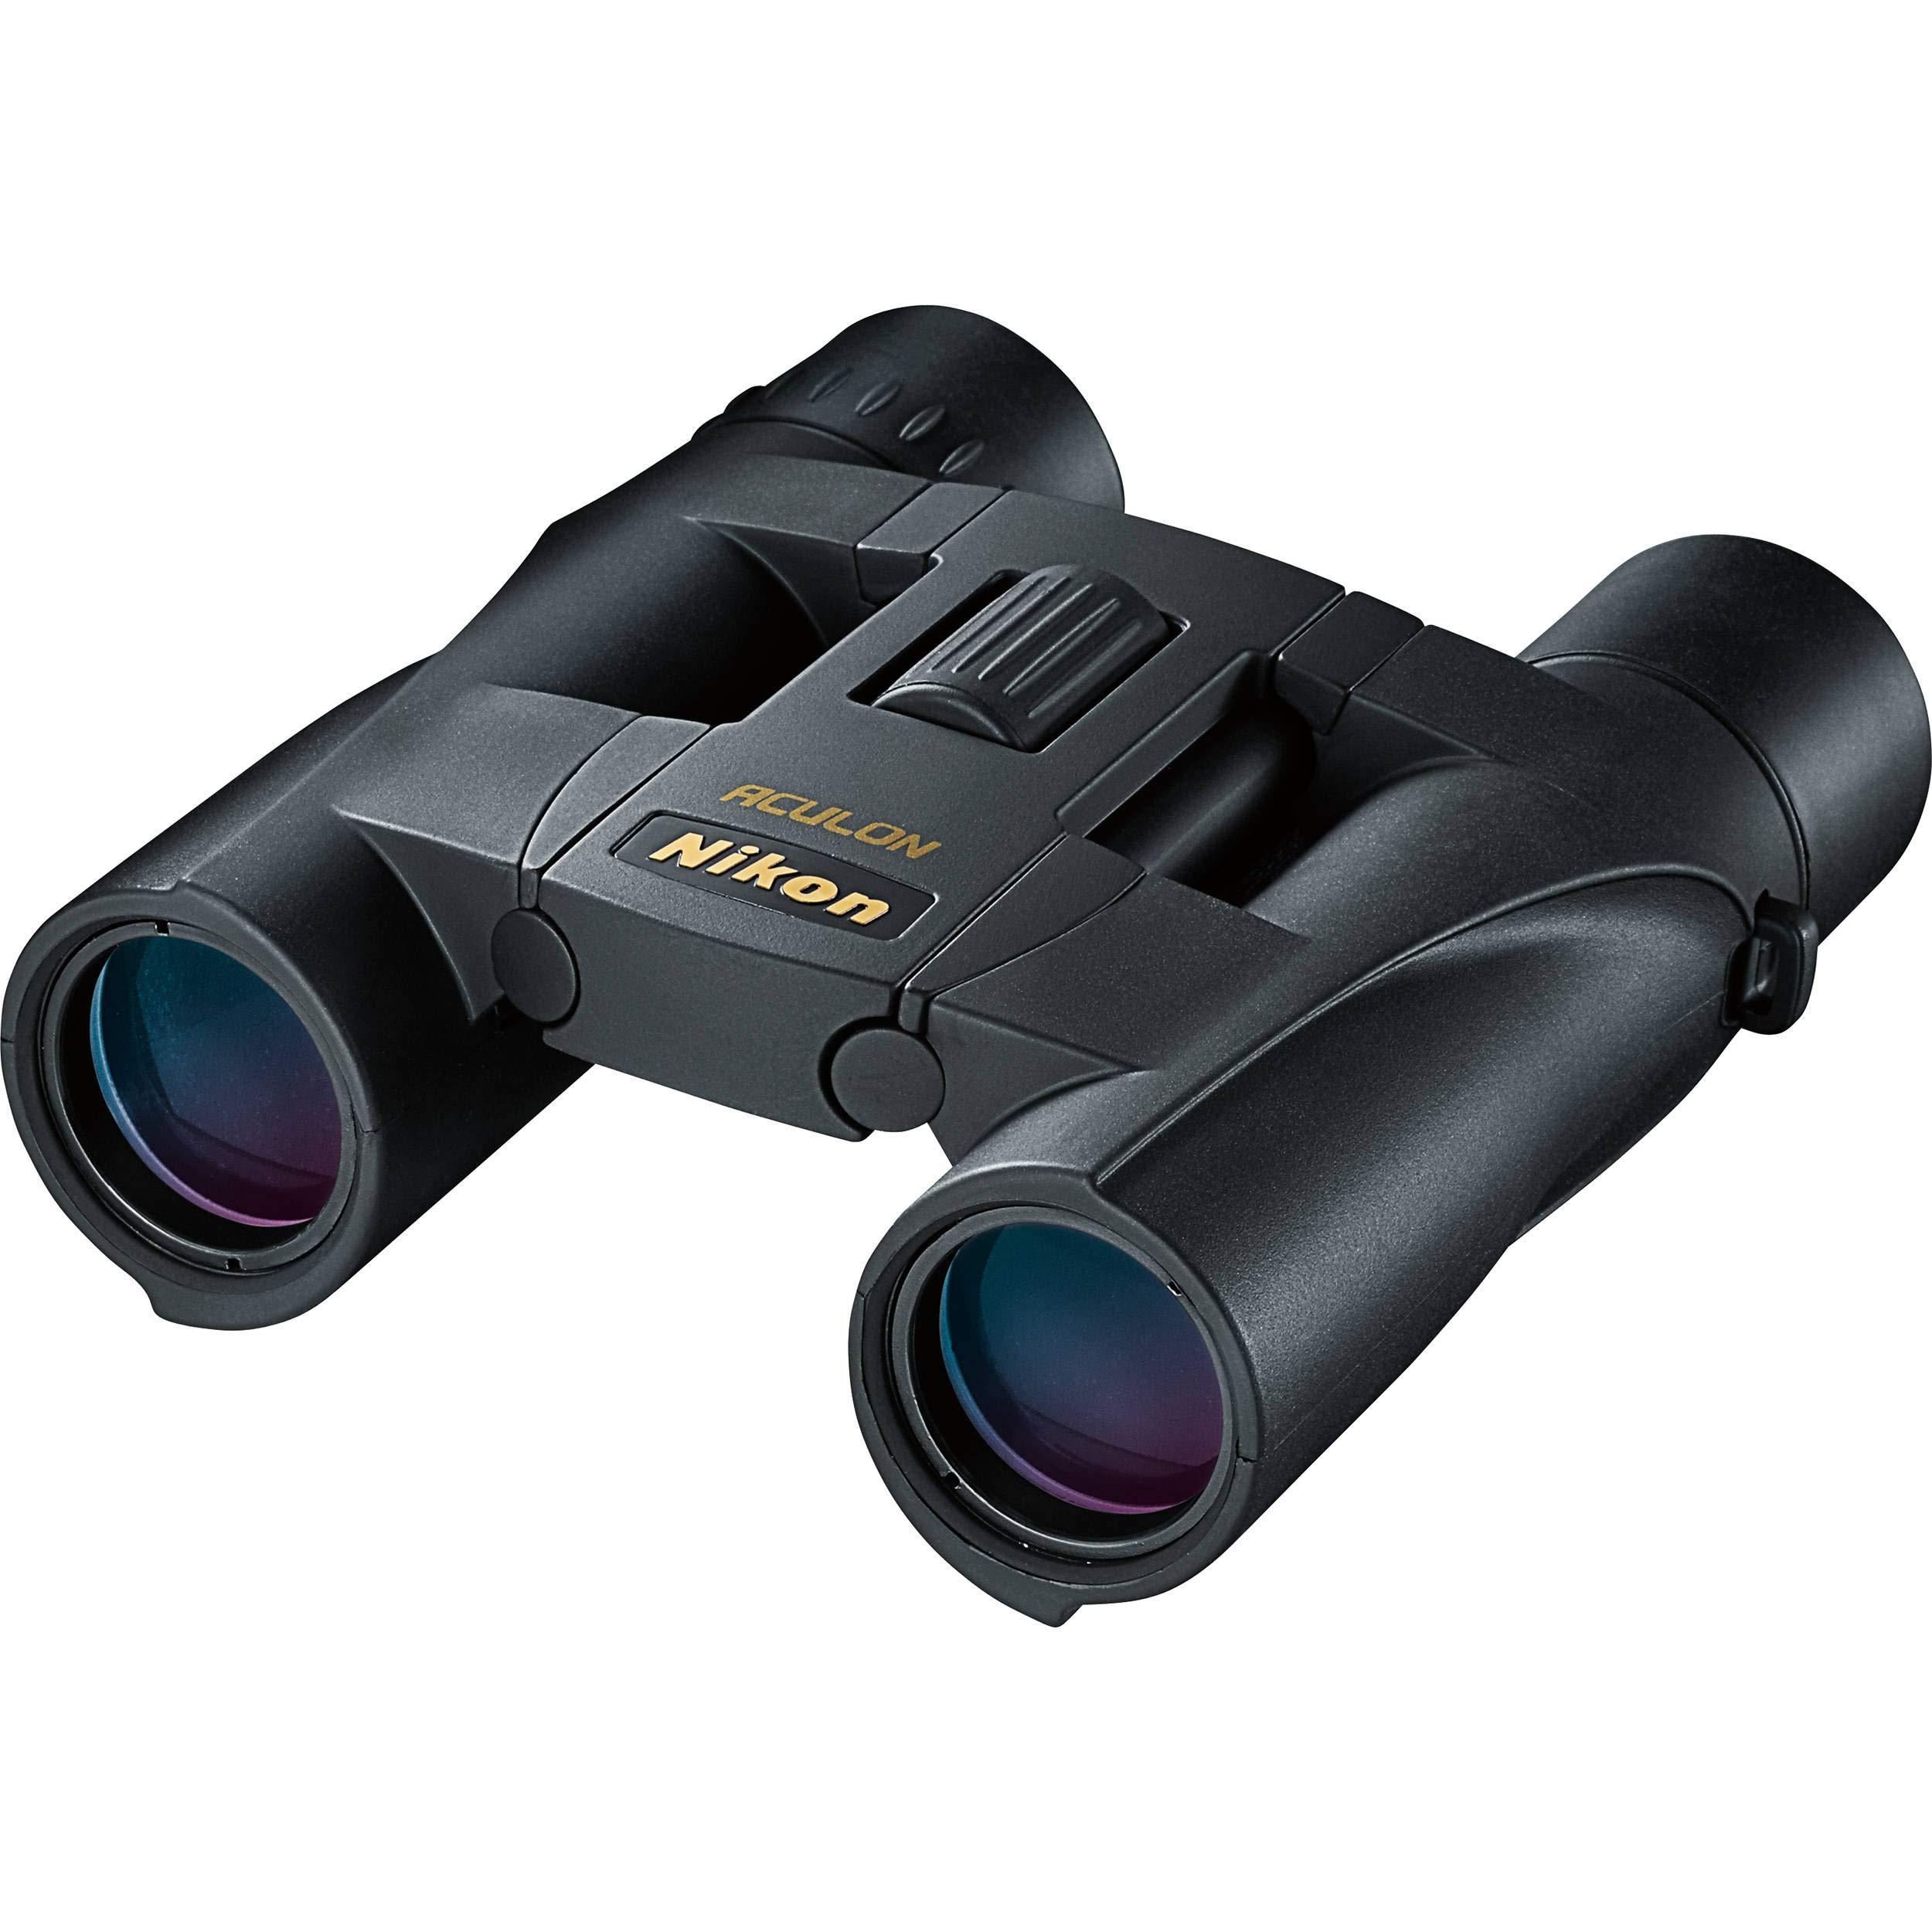 Nikon Aculon 10x25mm Binoculars Black